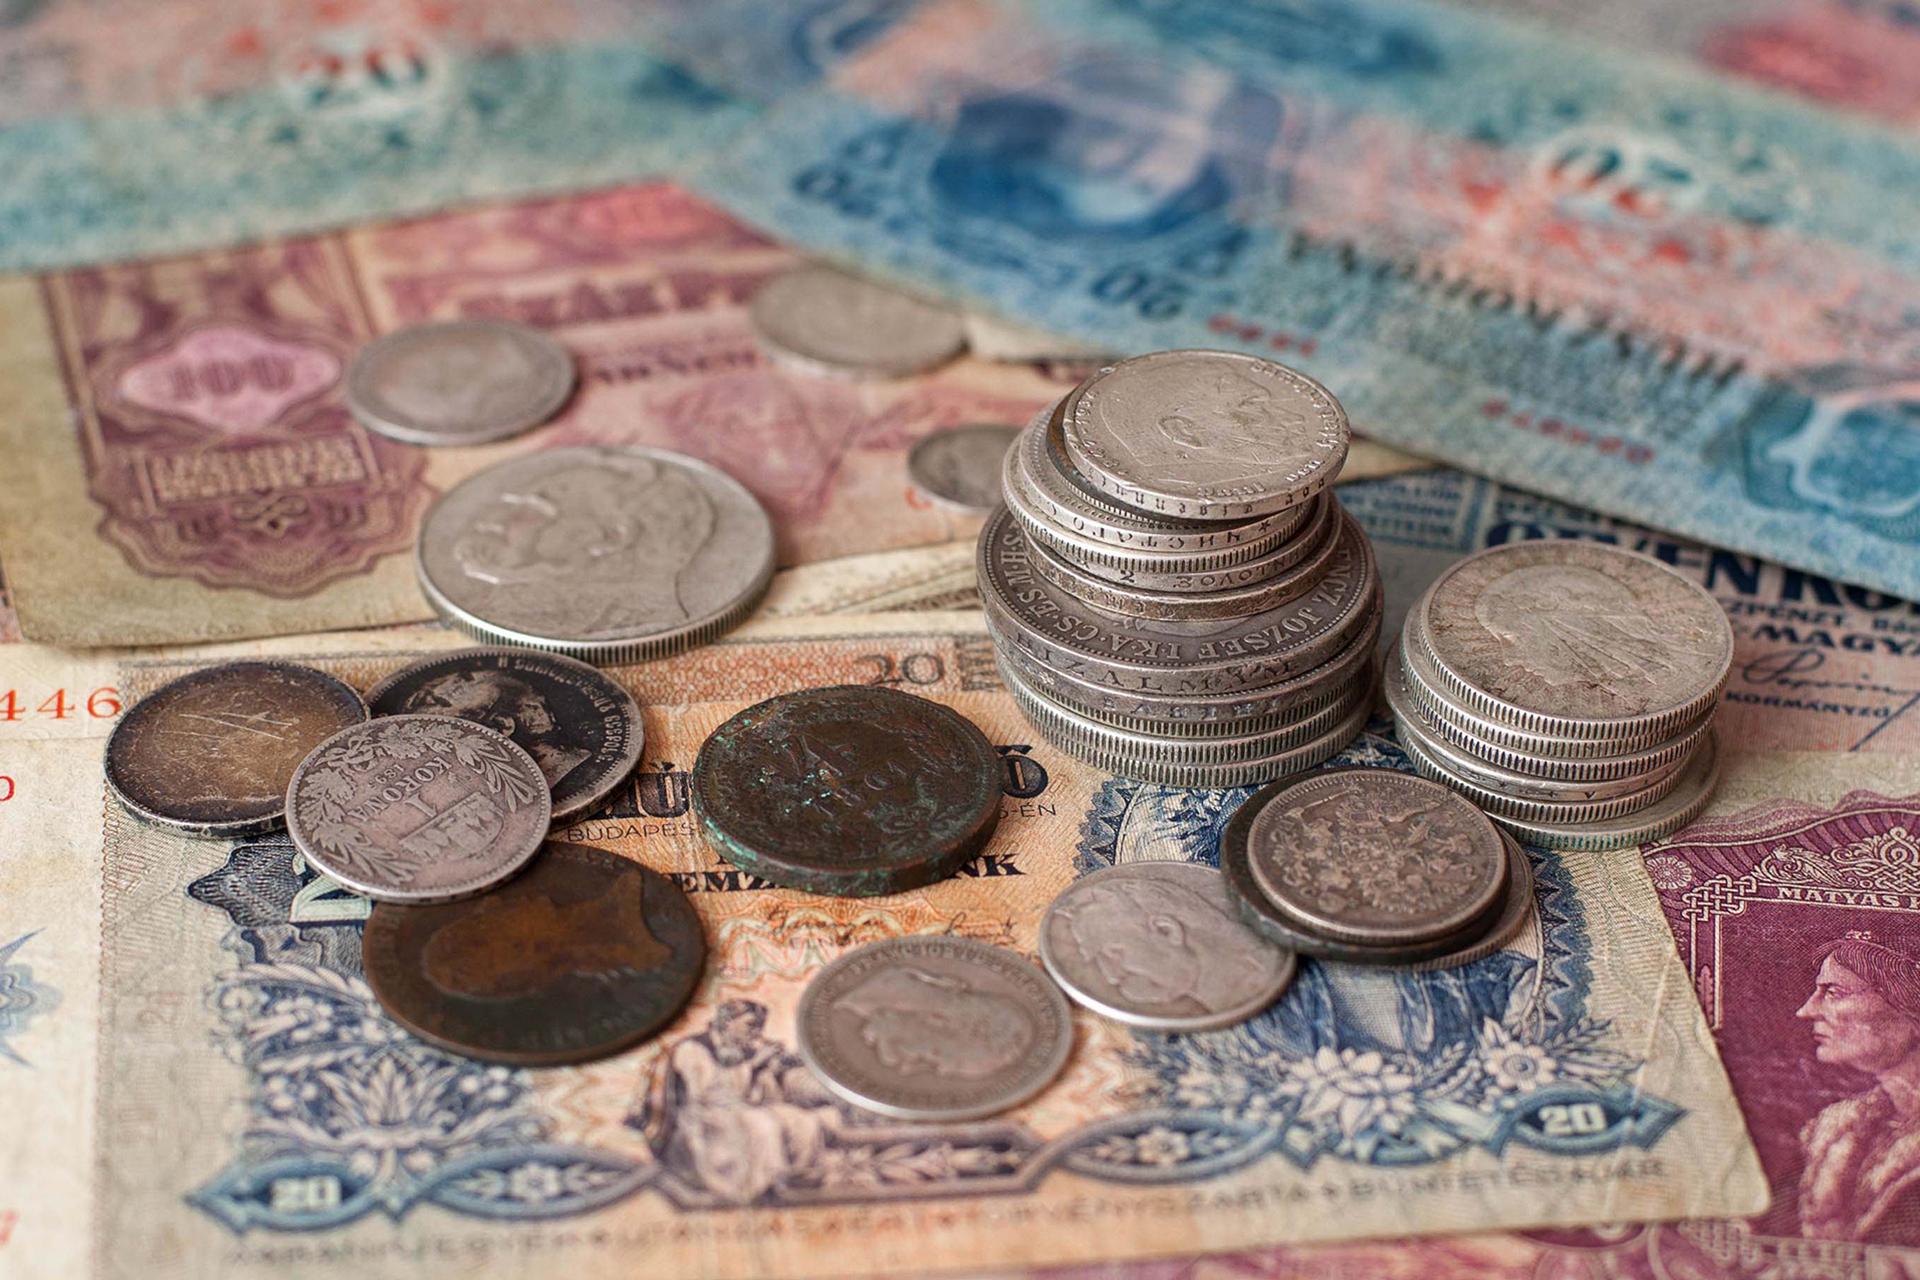 Glen Newman Design Coins Project Big Pic